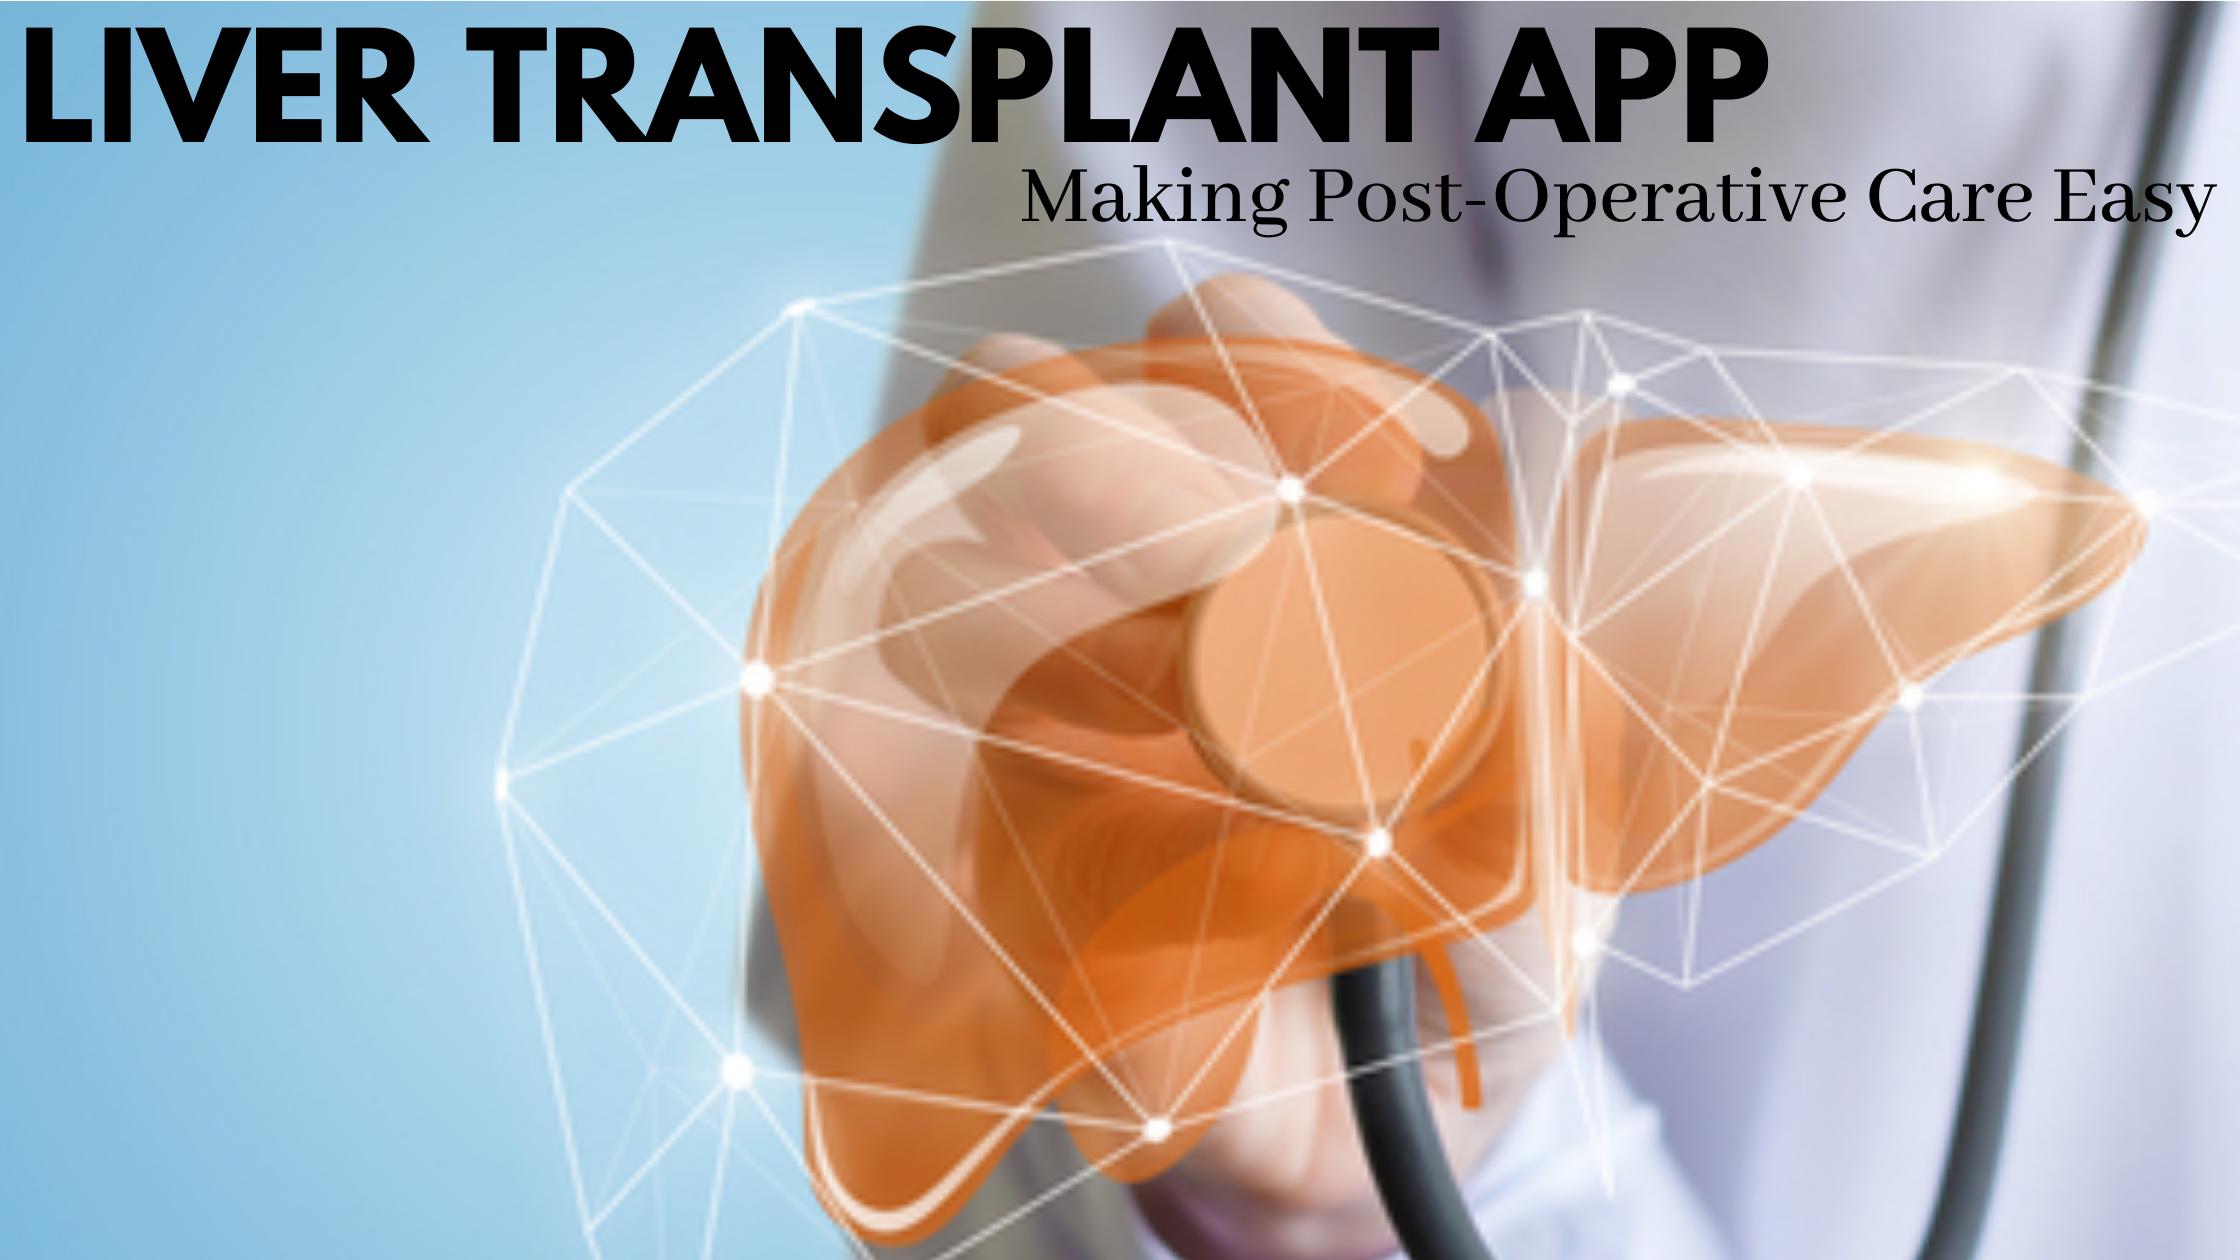 liver transplant app